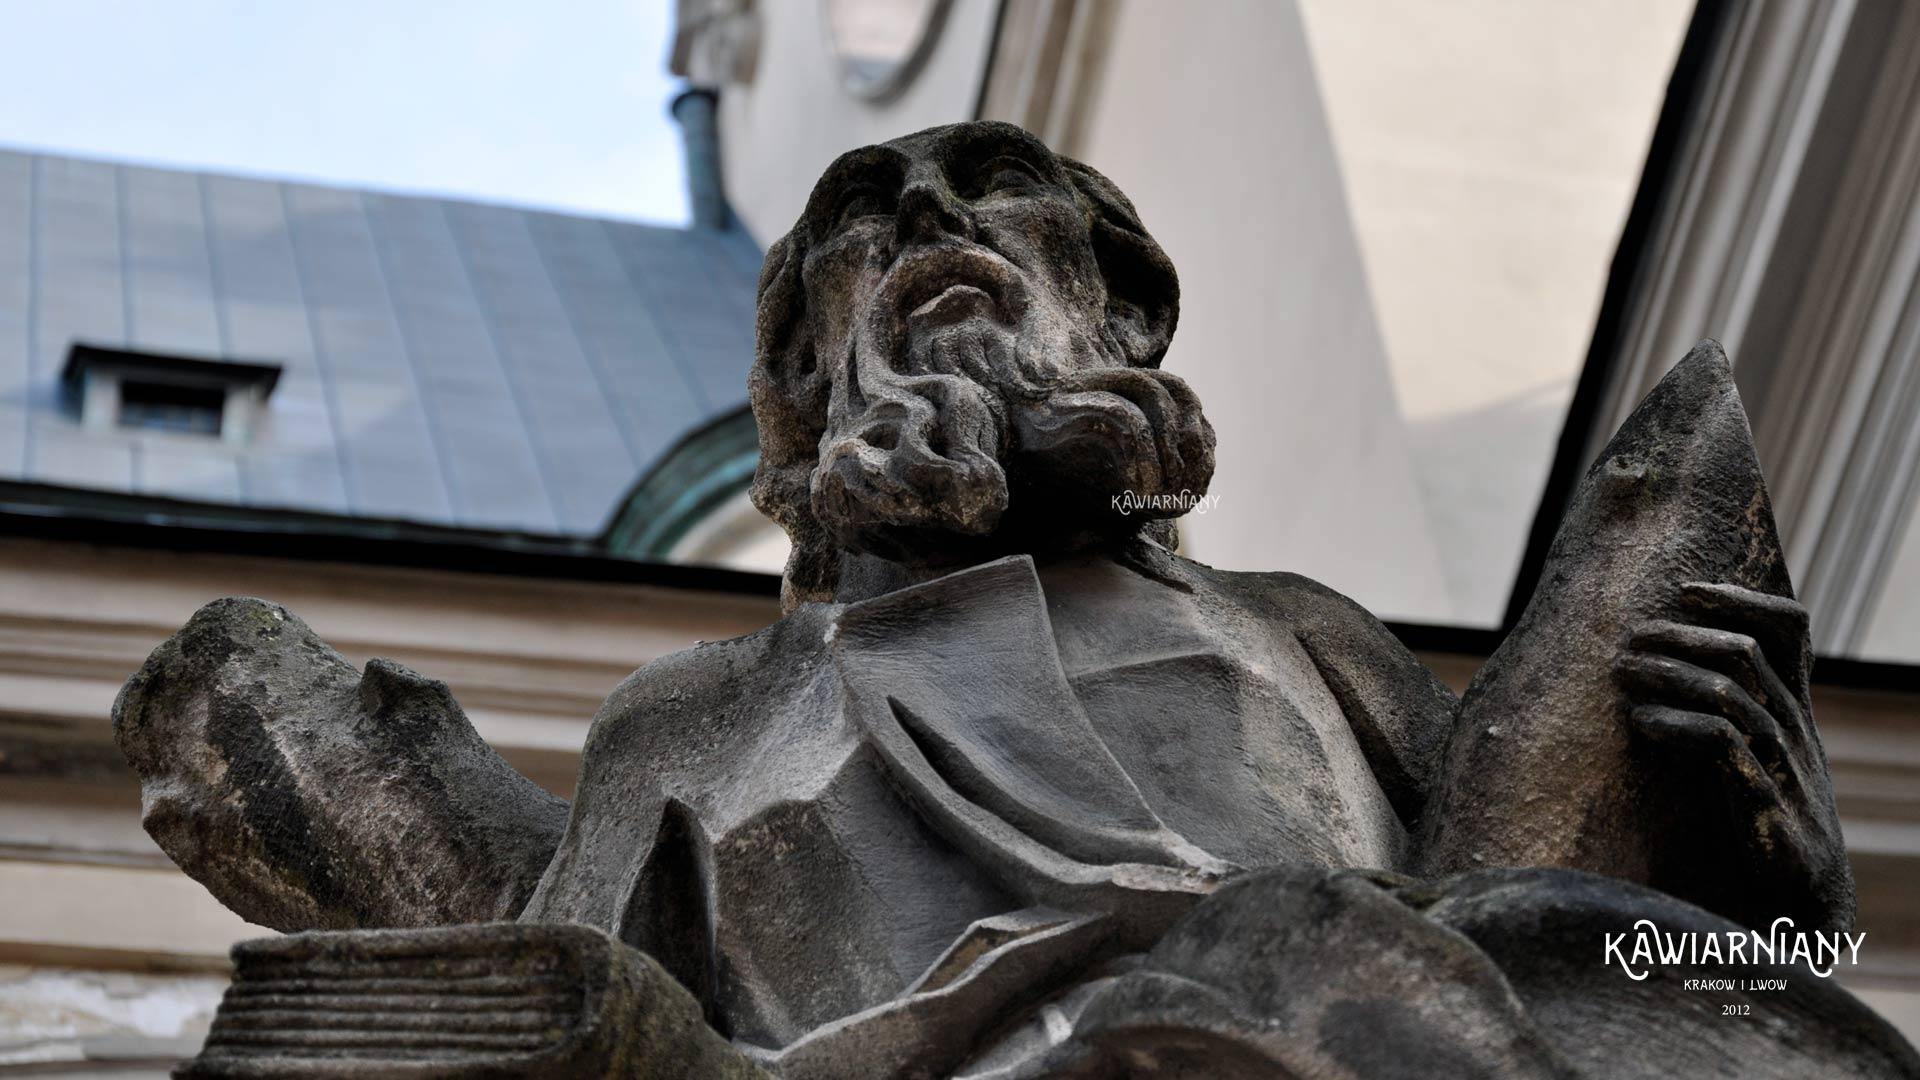 Katedra Łacińska, Lwów